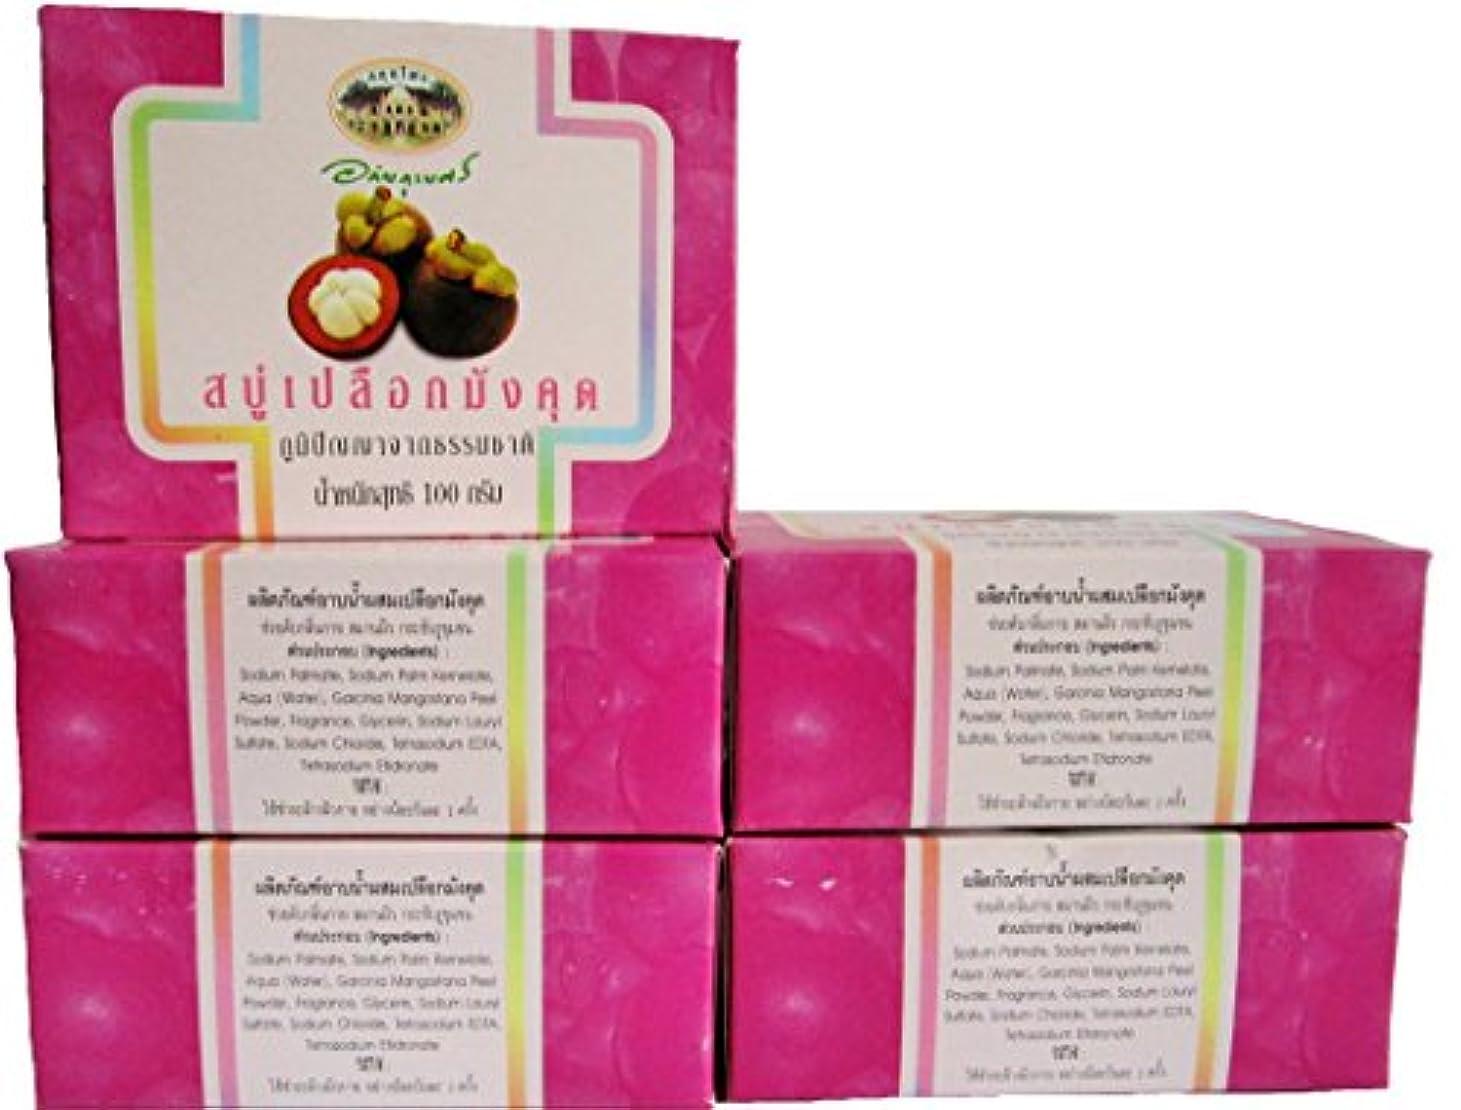 クラフト父方のばかマンゴスチン石鹸 5個セット 【タイ産】